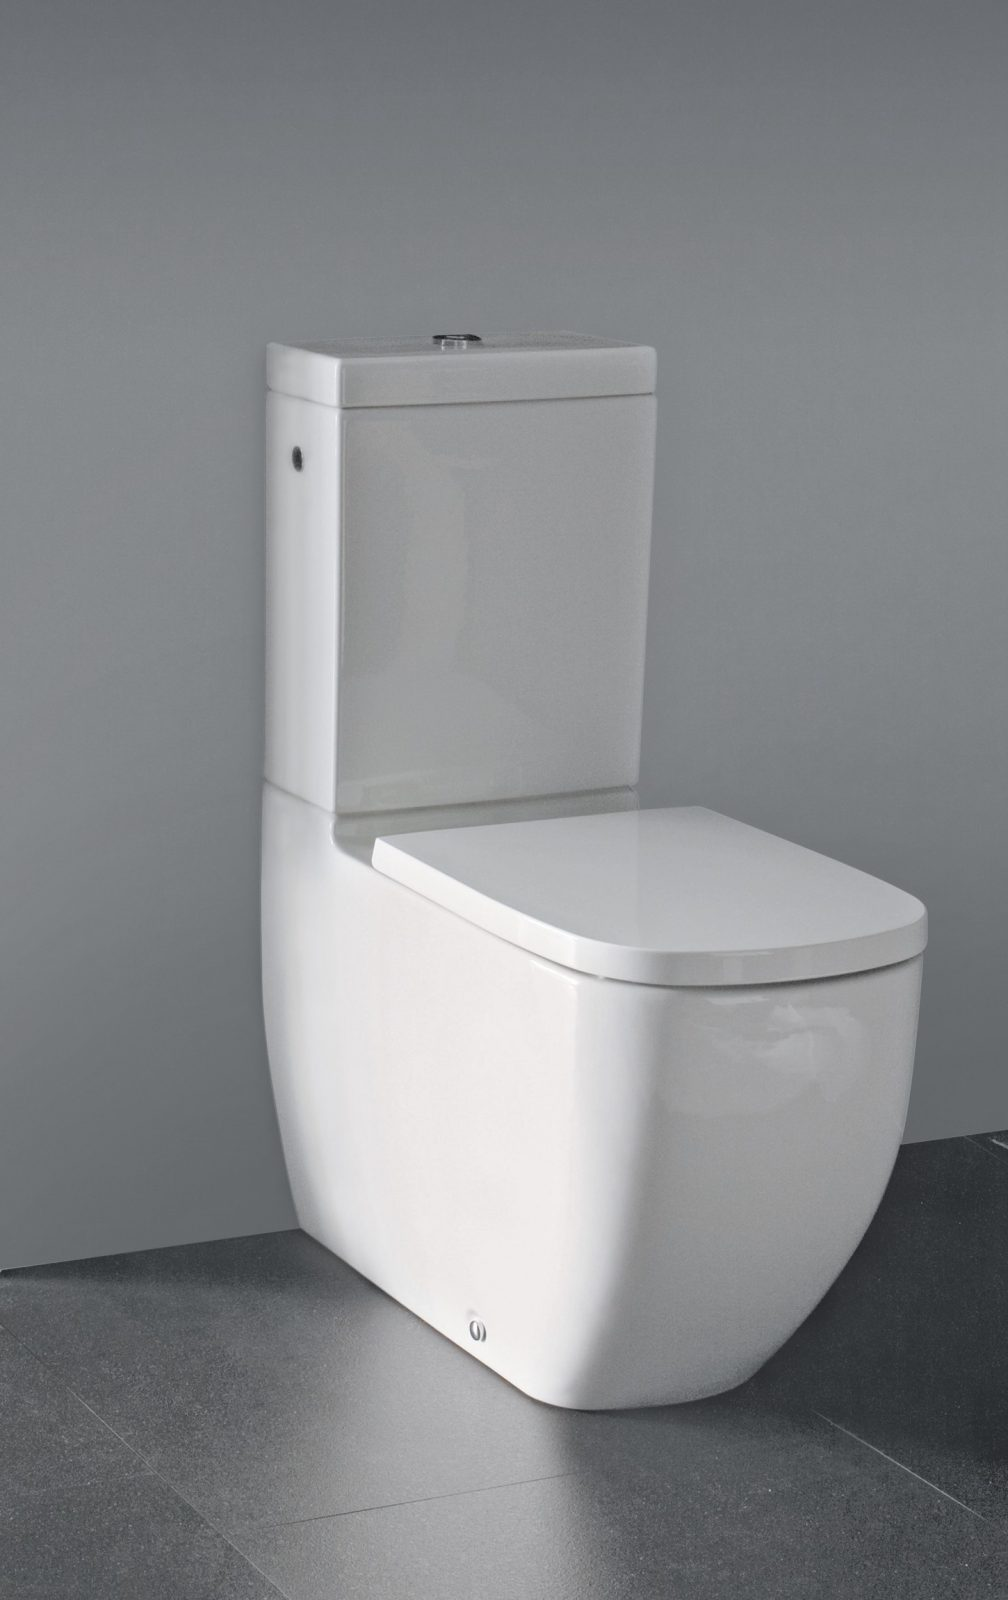 le wc sur pied dans la salle de bain fiche produit. Black Bedroom Furniture Sets. Home Design Ideas